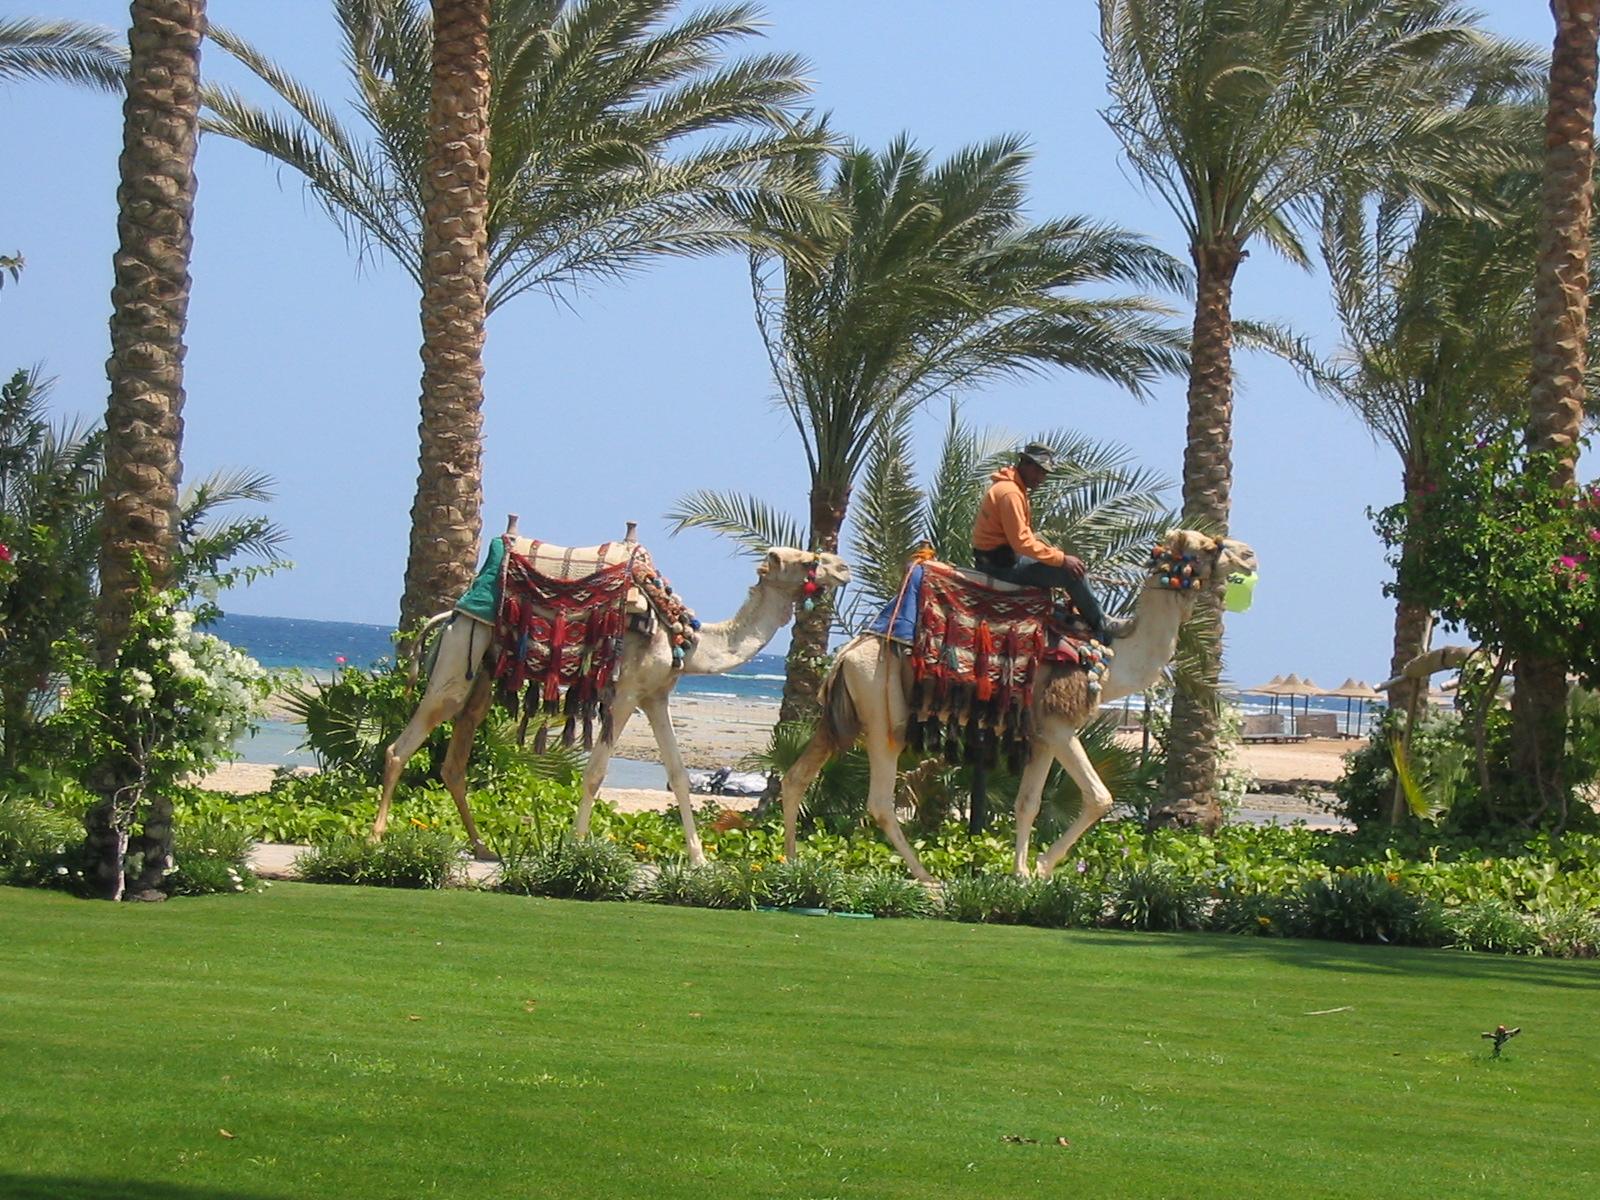 Kamelreiten im Hotelressort in Ägypten